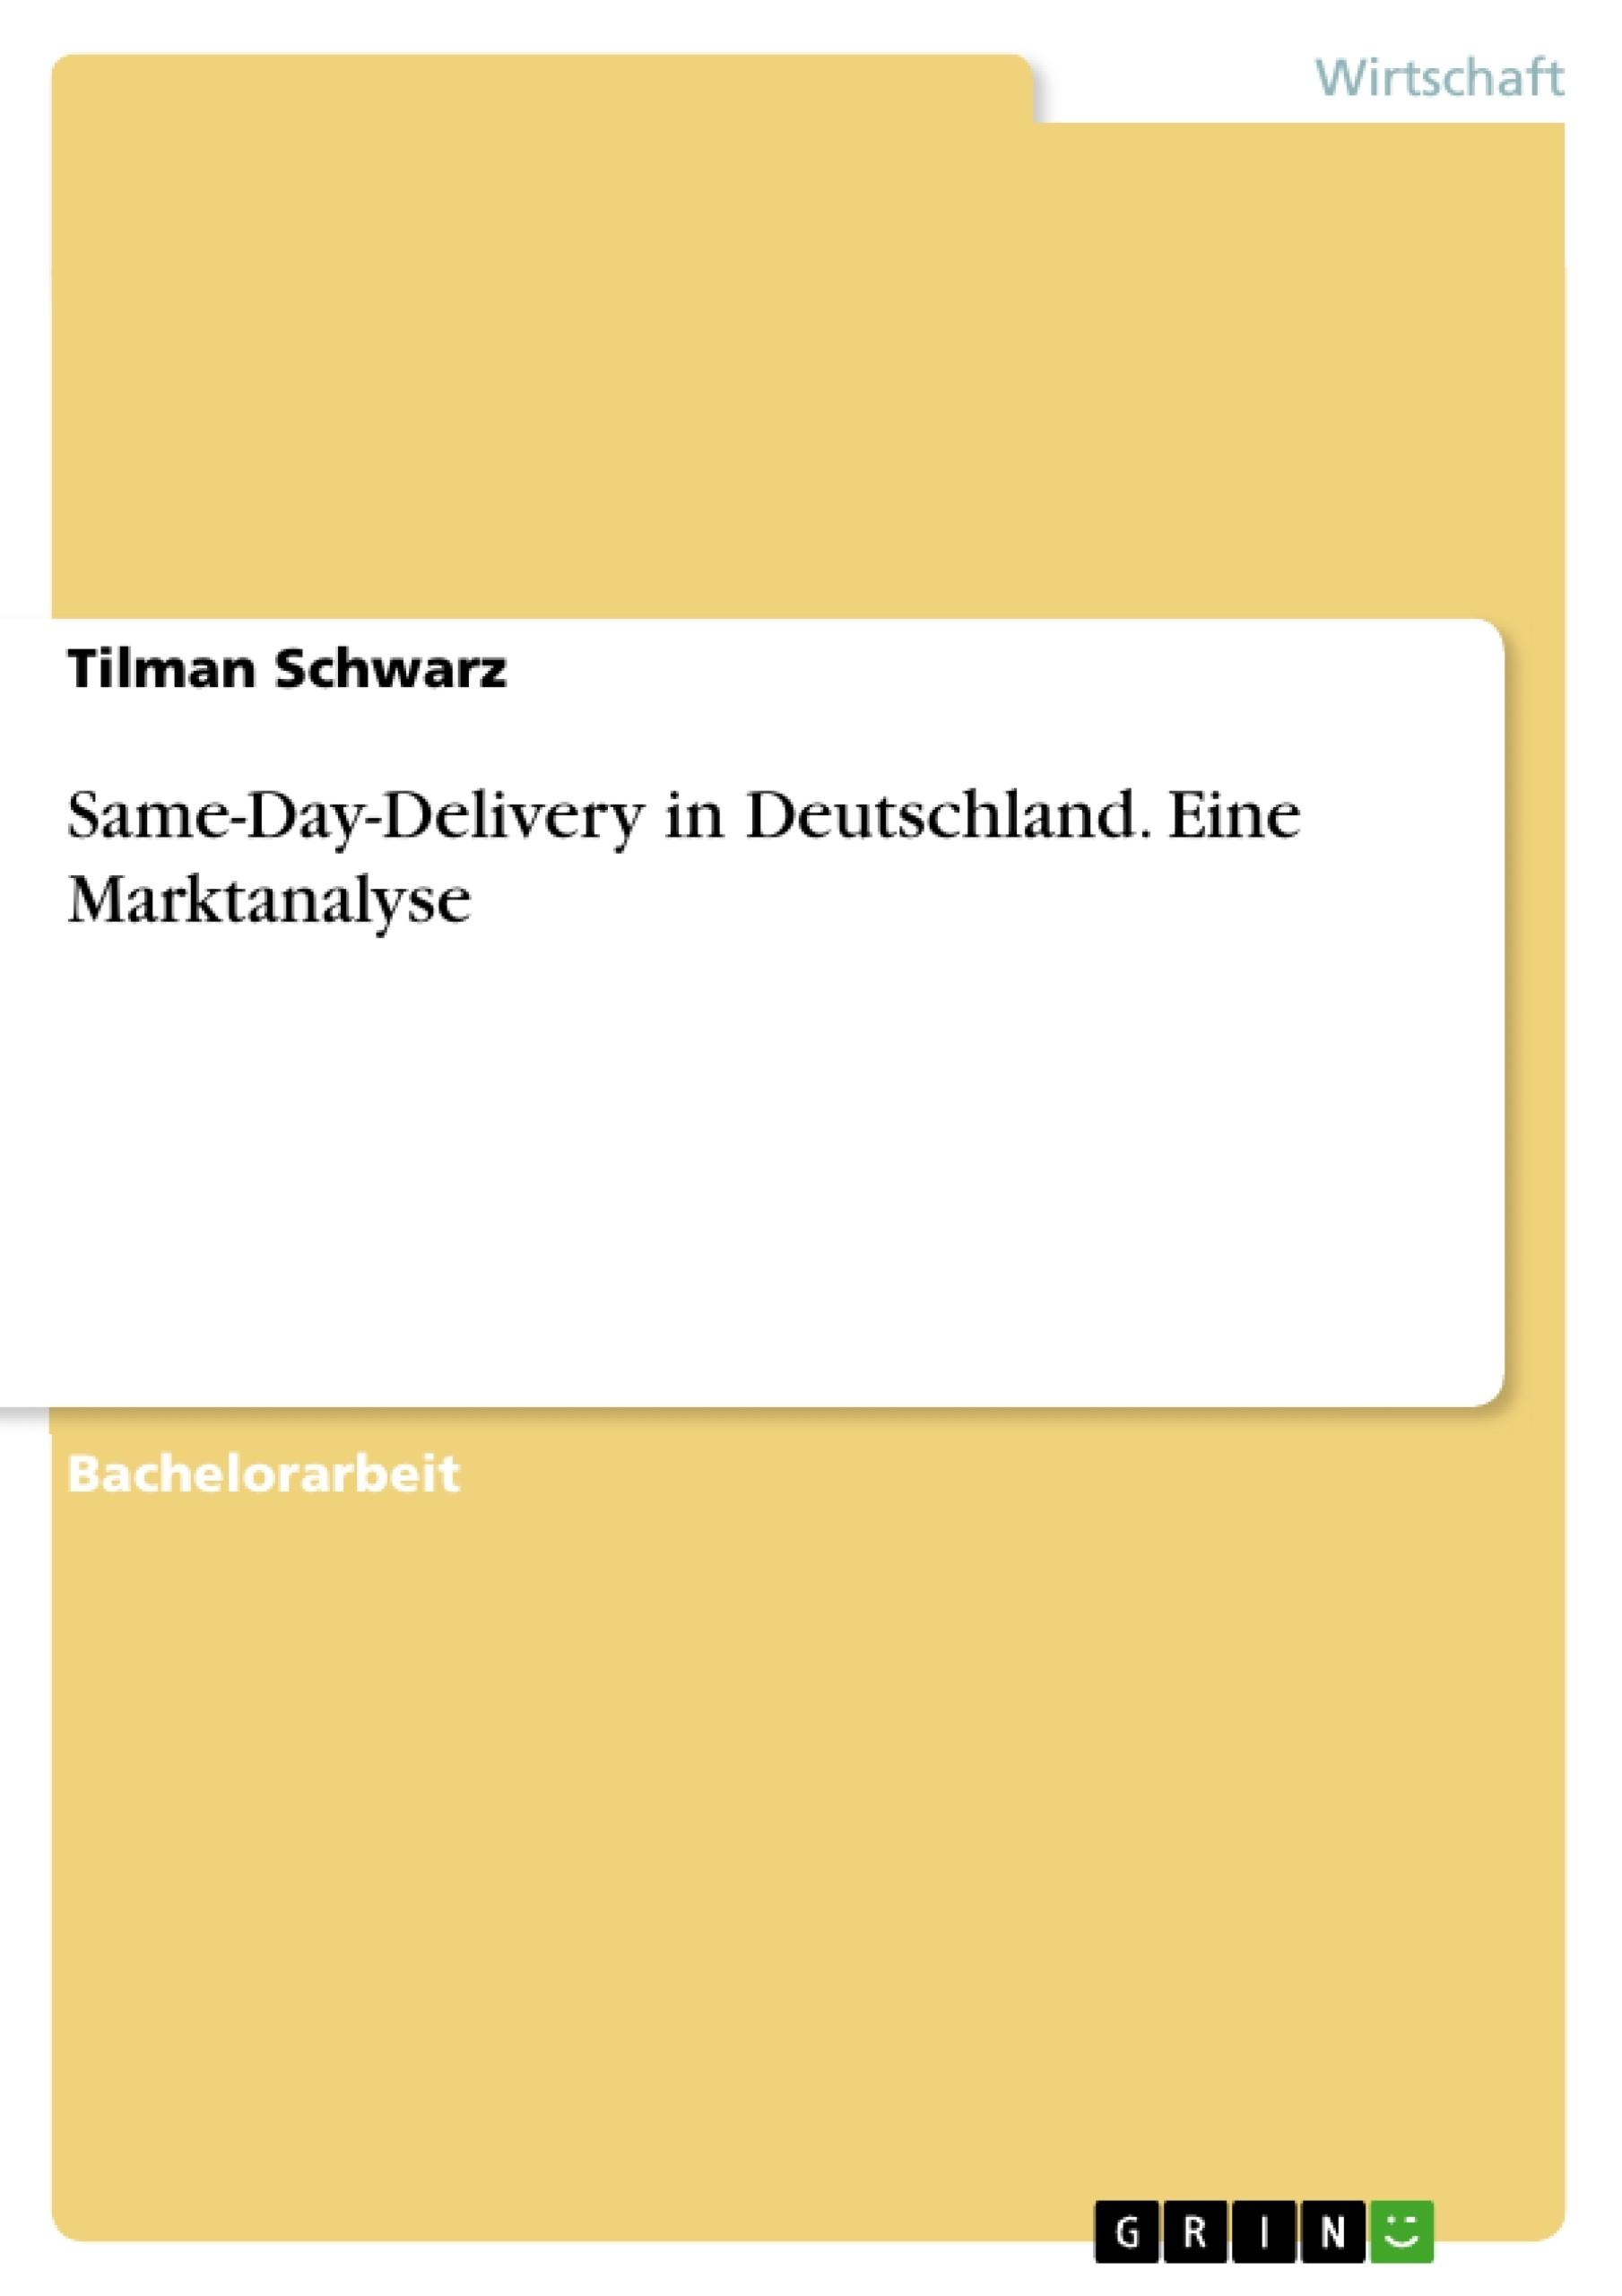 Titel: Same-Day-Delivery in Deutschland. Eine Marktanalyse